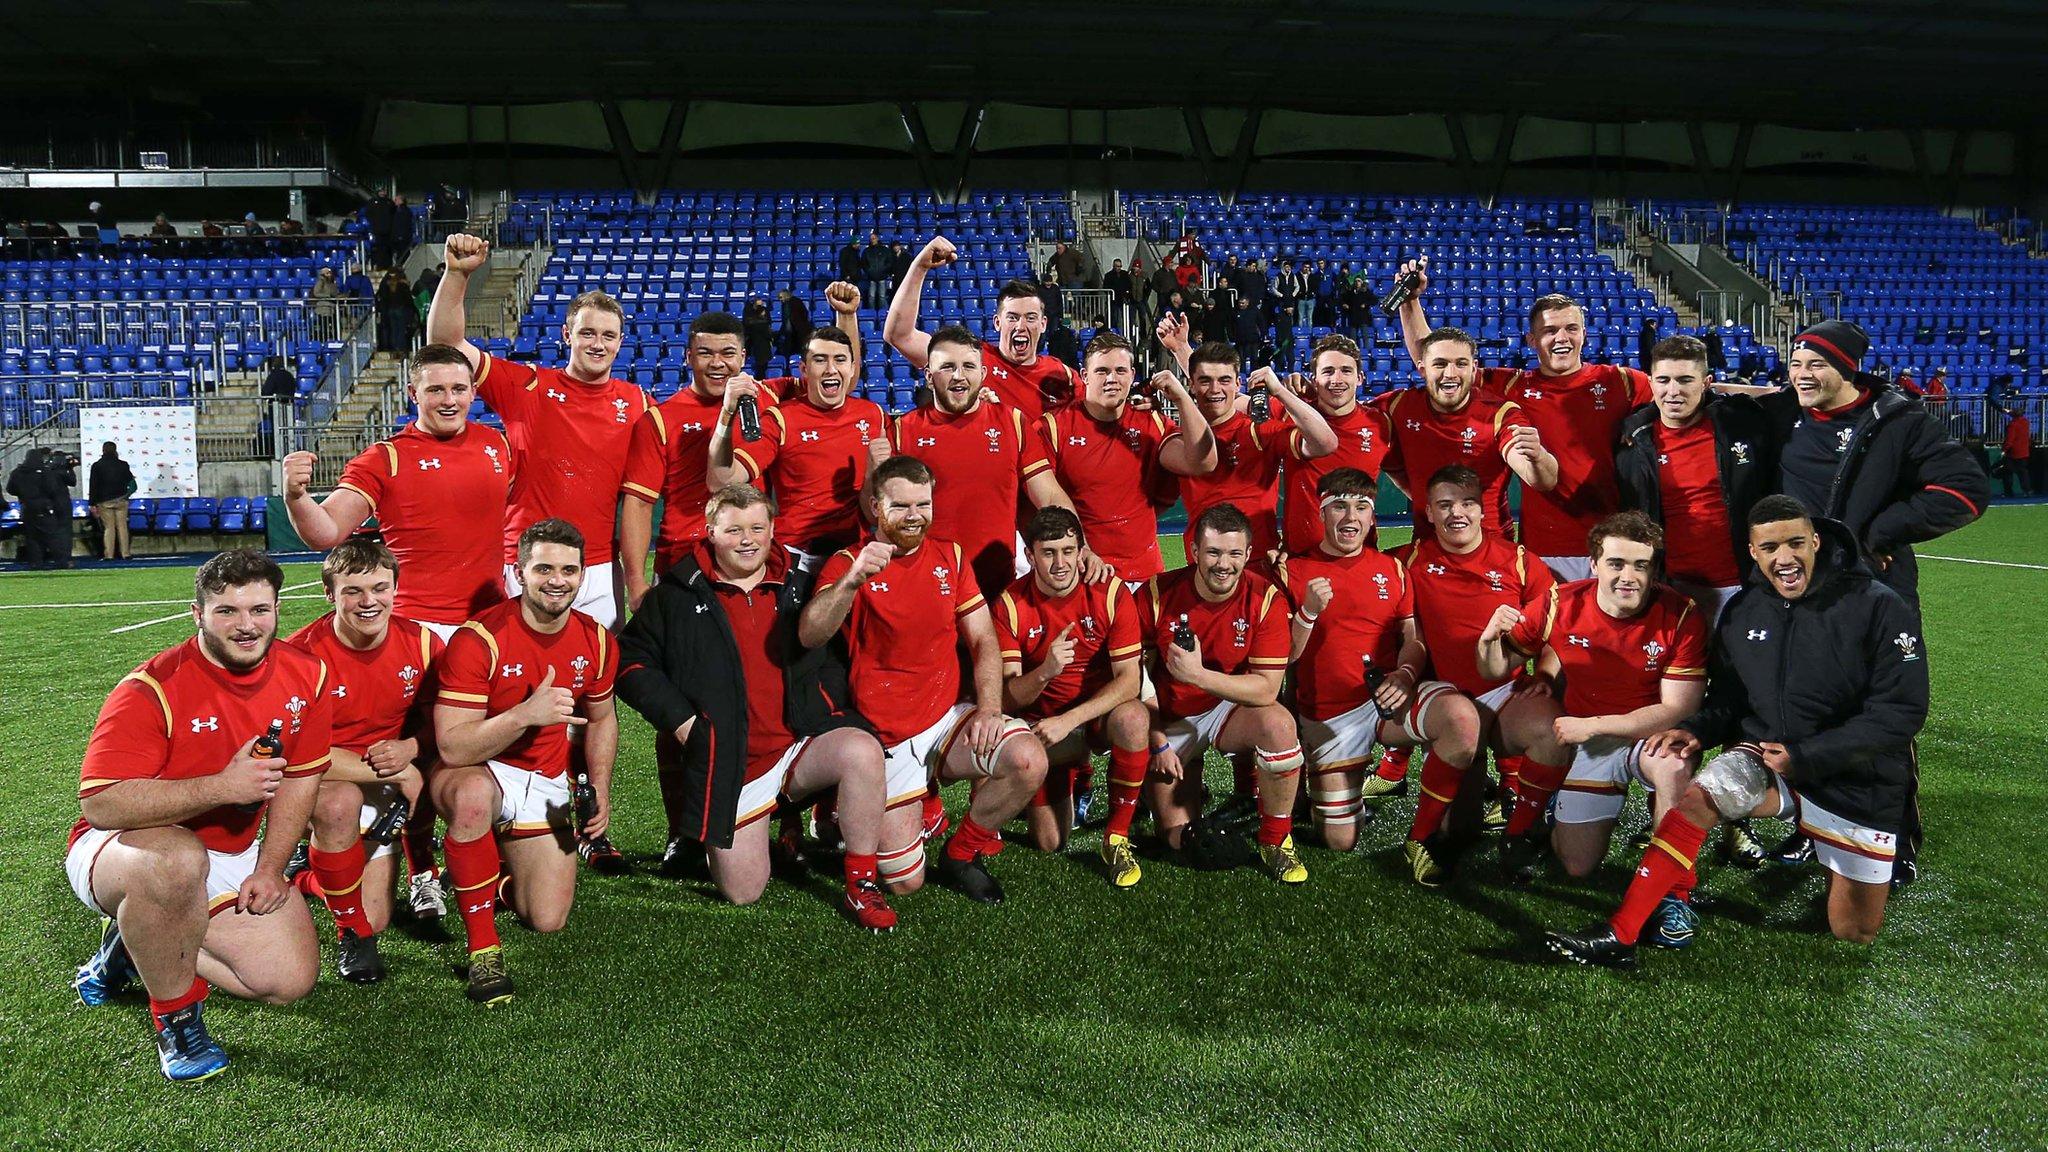 Highlights: Ireland U20 24-35 Wales U20